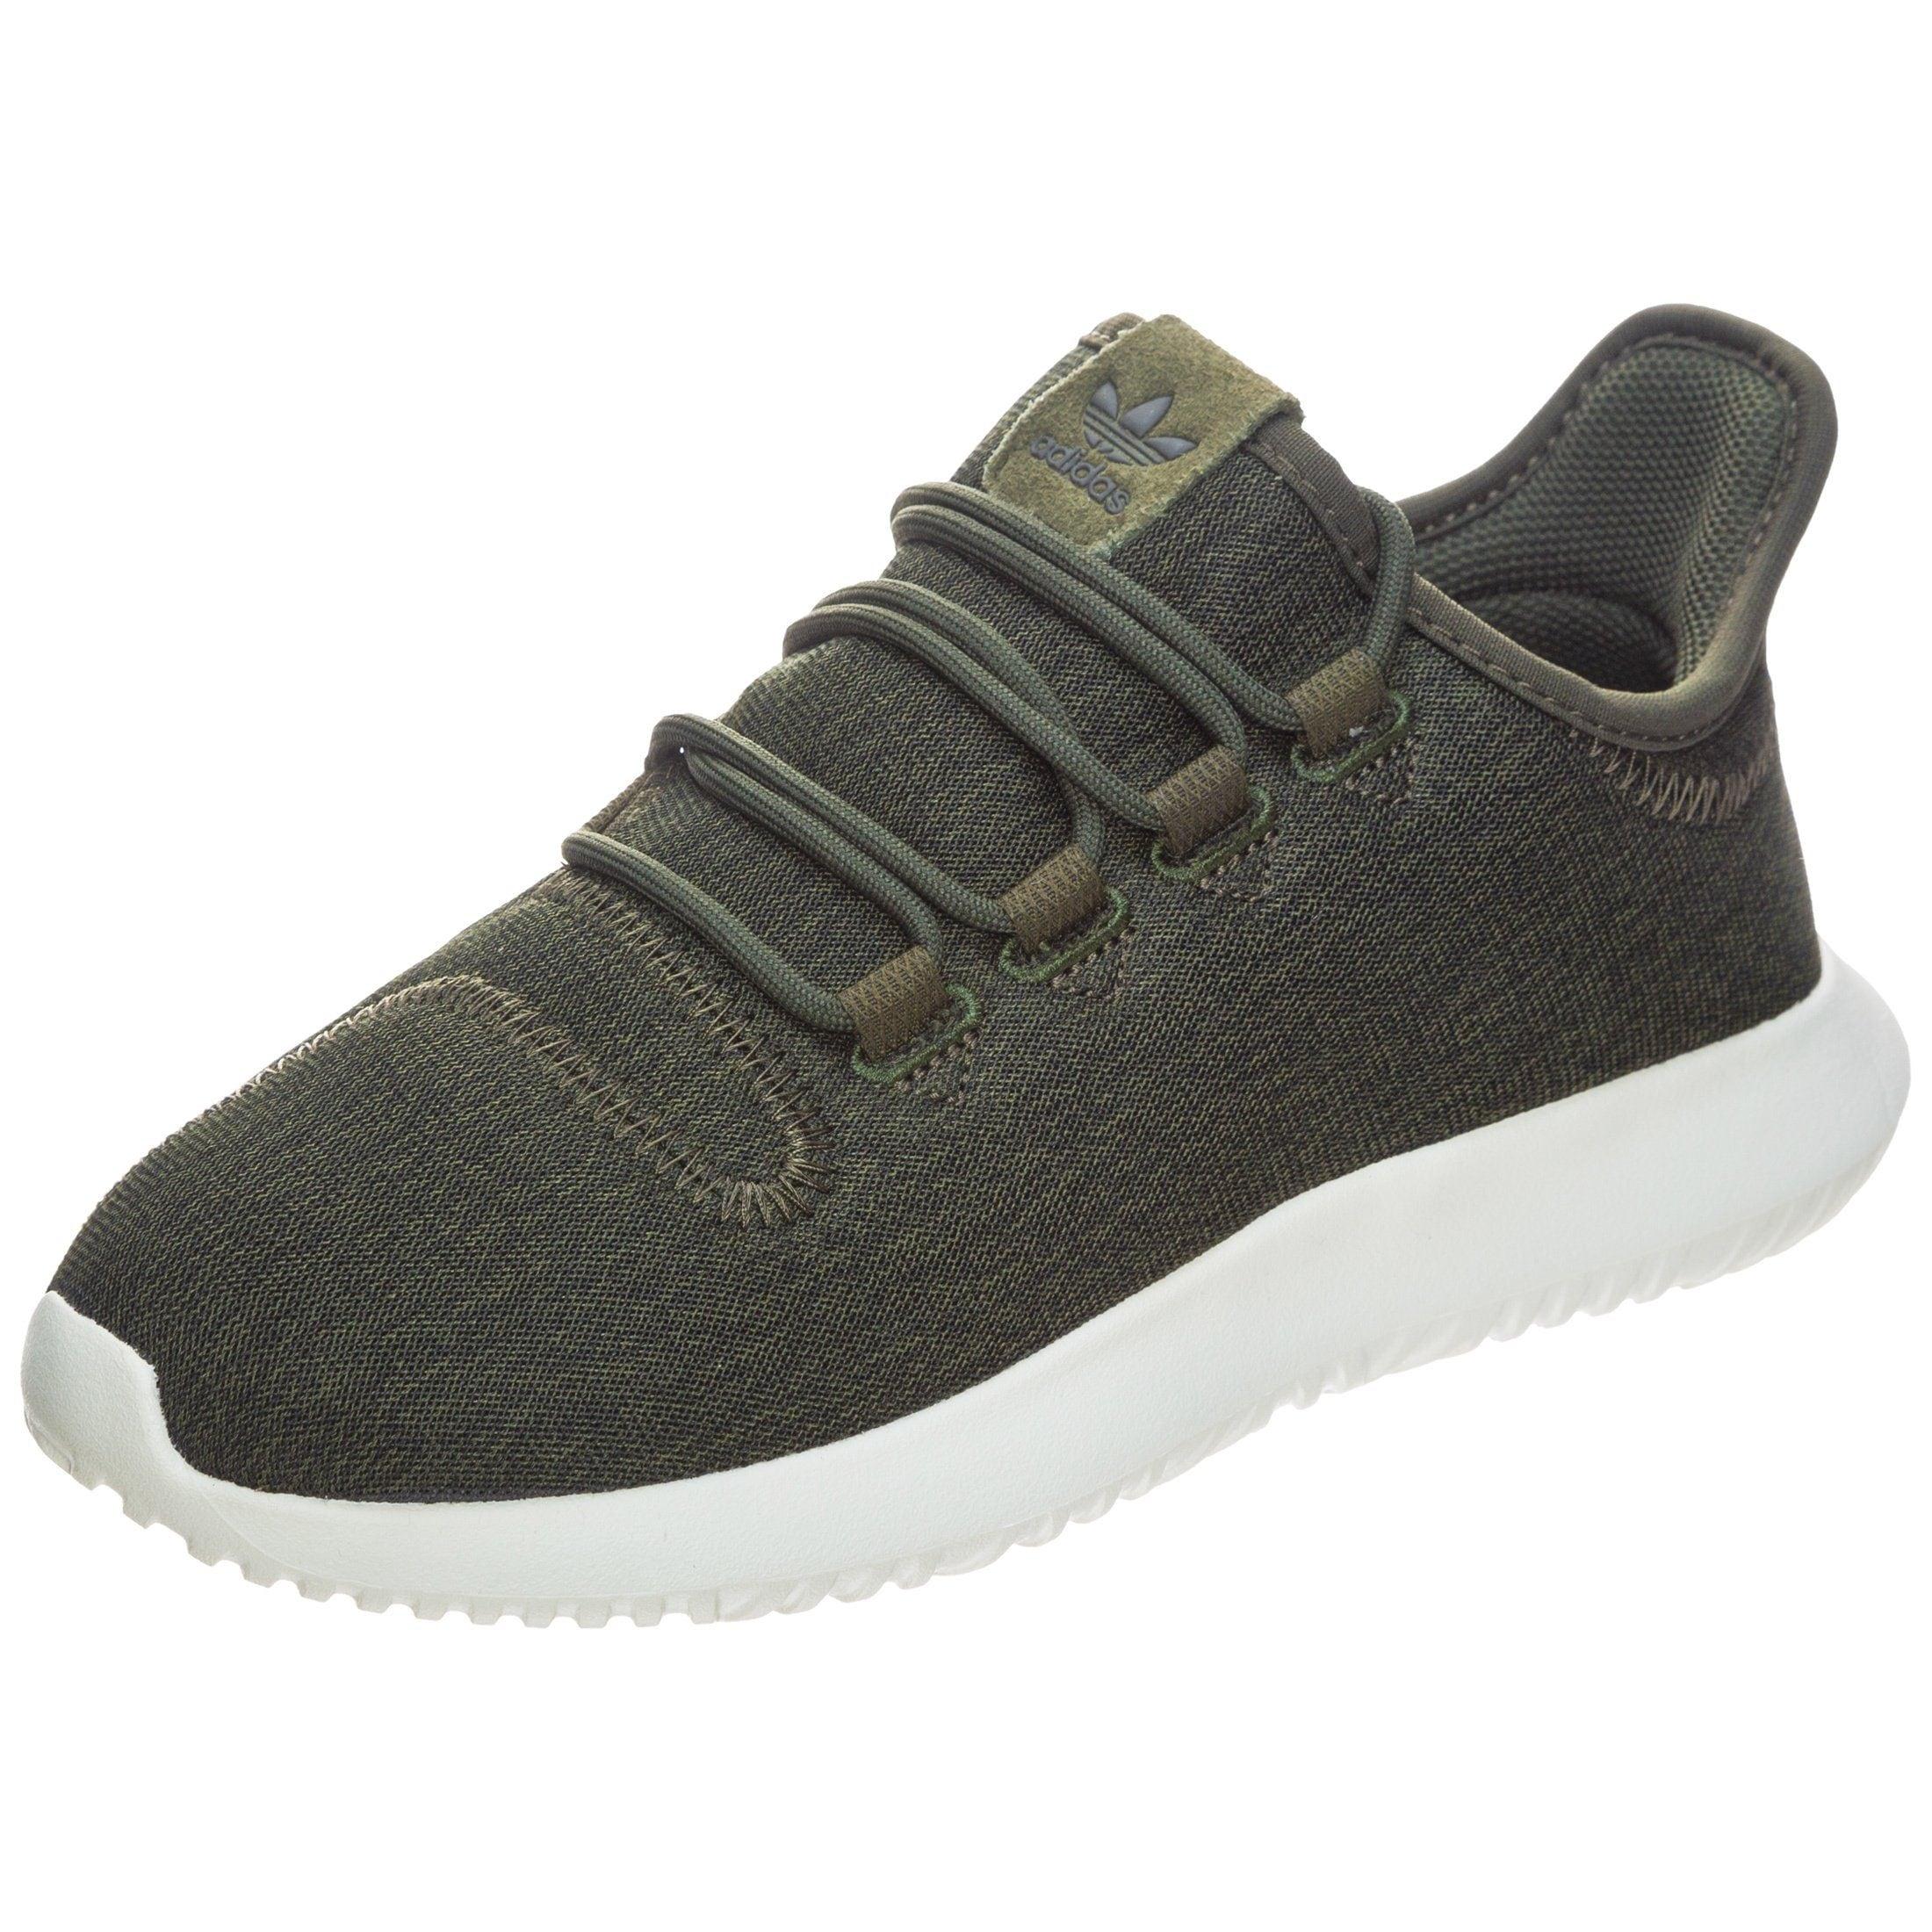 new style aa601 de9fb ... sale adidas originals sneaker kaufen tubular shadow jetzt online kaufen  sneaker gutes preis leistungs verhältnis es